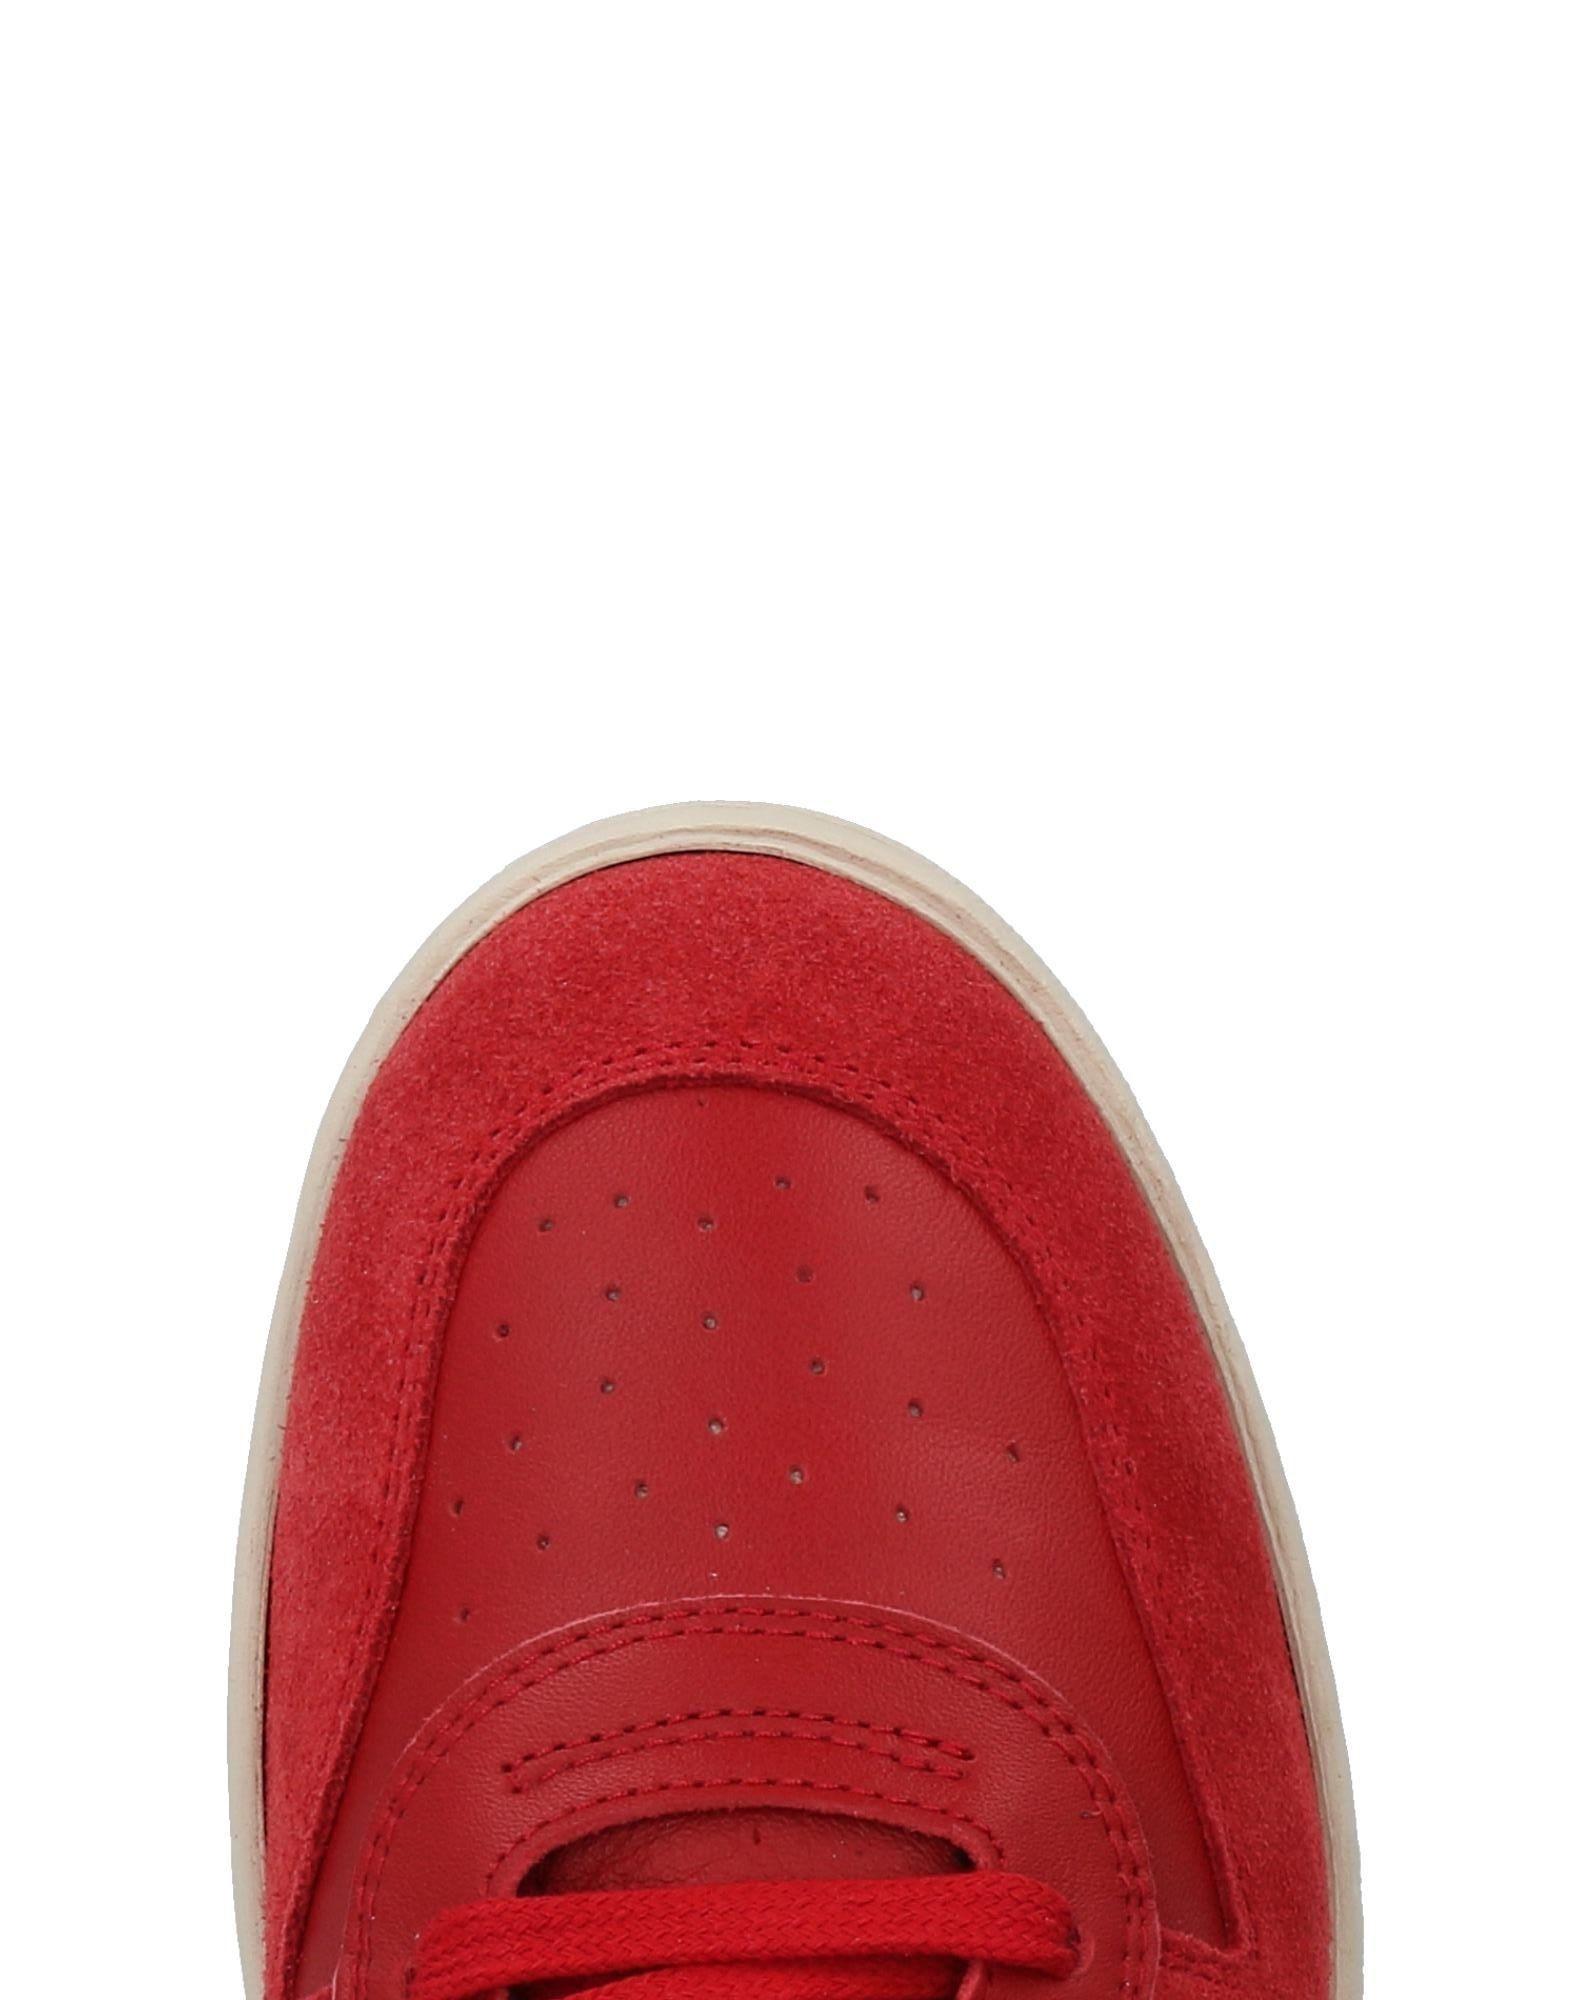 Rabatt echte  Schuhe Valsport Sneakers Herren  echte 11447647QQ 1b5b6c